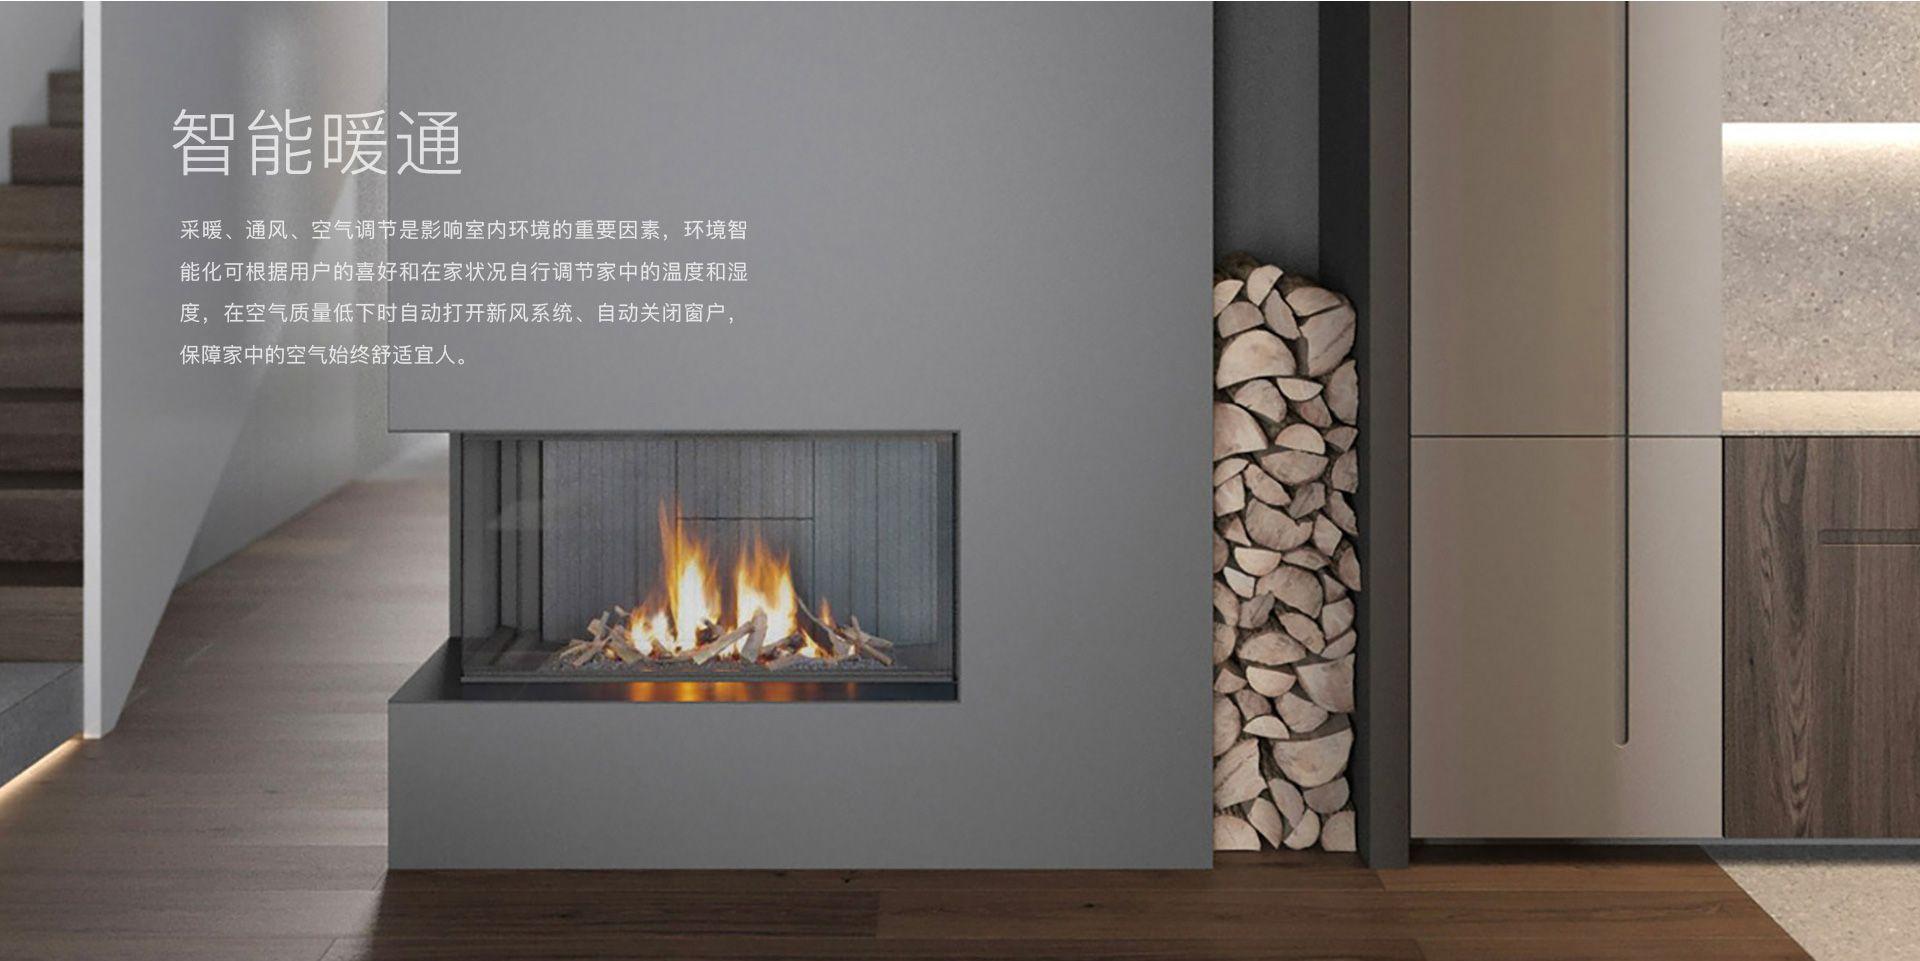 智能暖通,保障家中的空气始终舒适宜人